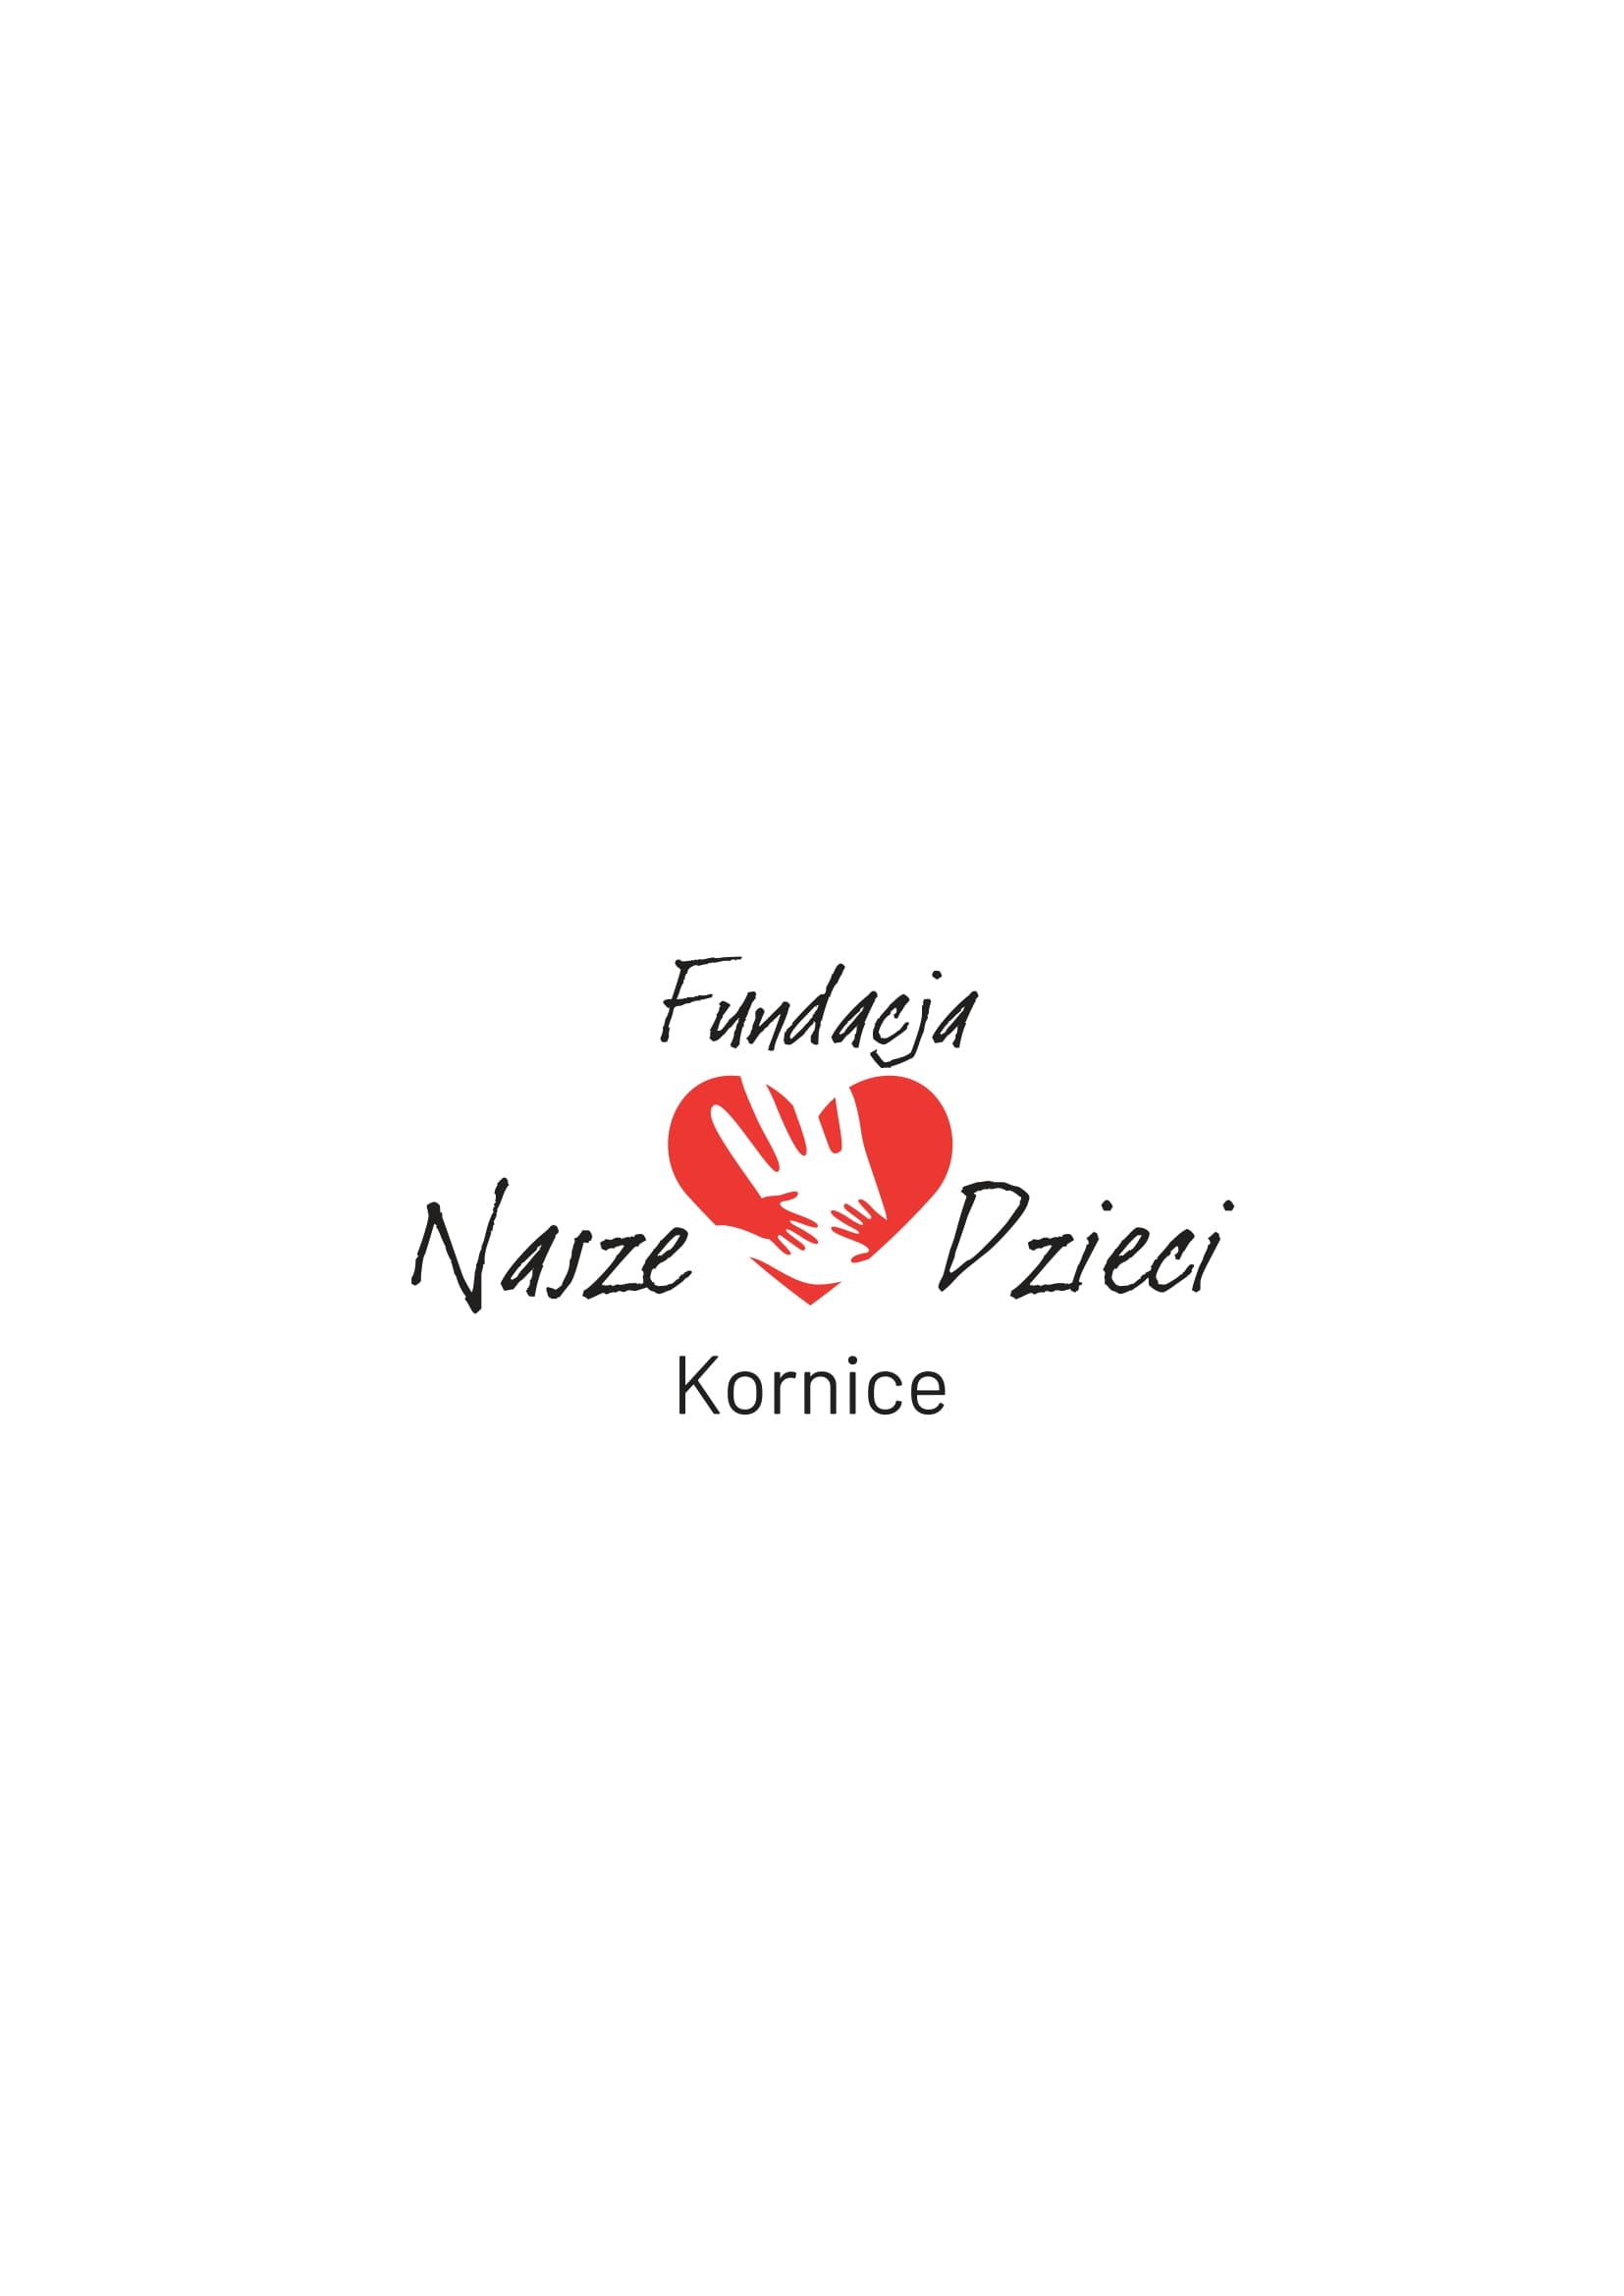 Fundacja Kornice